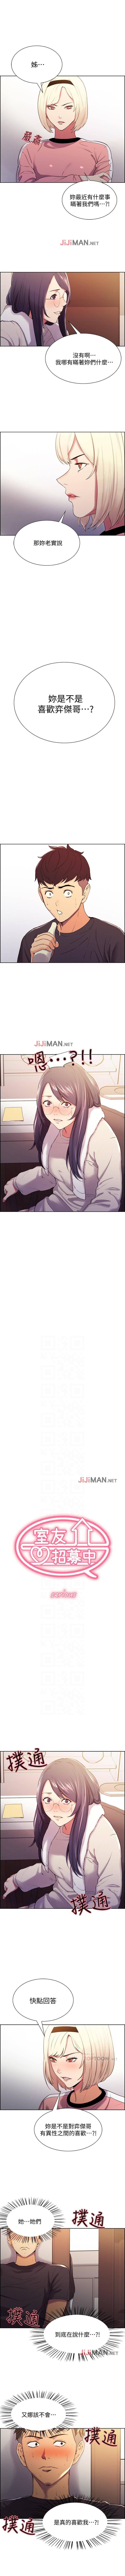 【周二连载】室友招募中(作者:Serious) 第1~13话 44